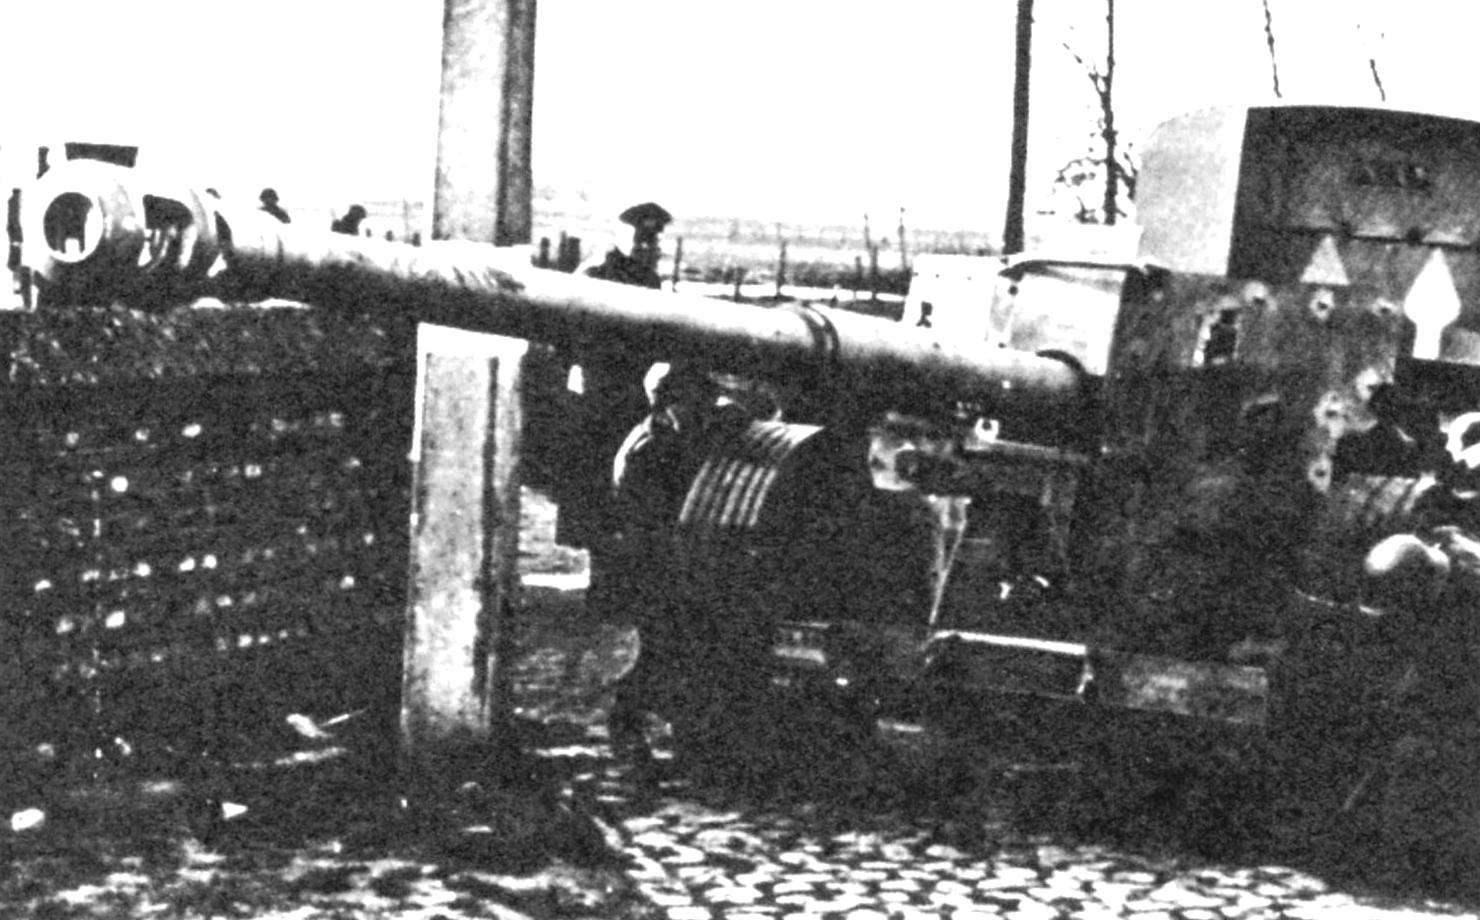 Пушка Pak 43 устанавливается расчётом на огневую позицию